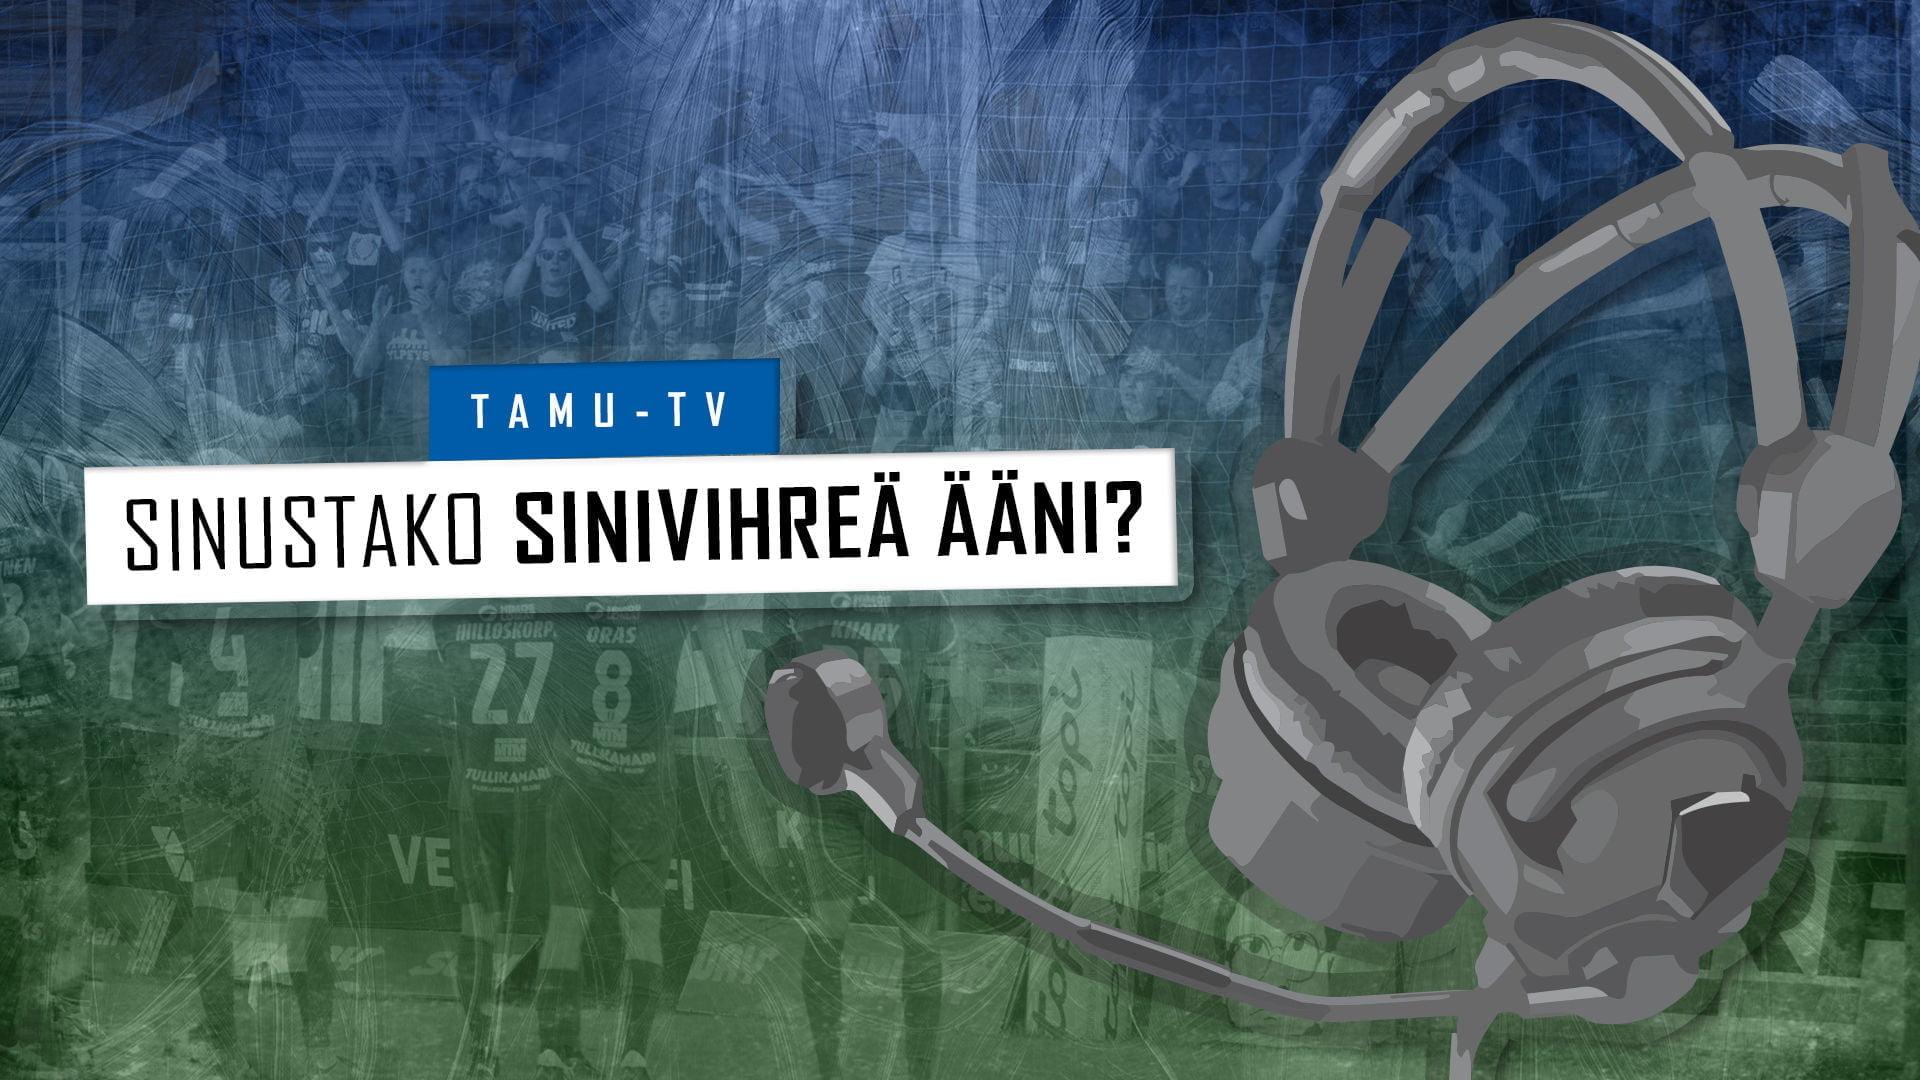 TamU-TV hakee uutta selostajaa -uutiskuva